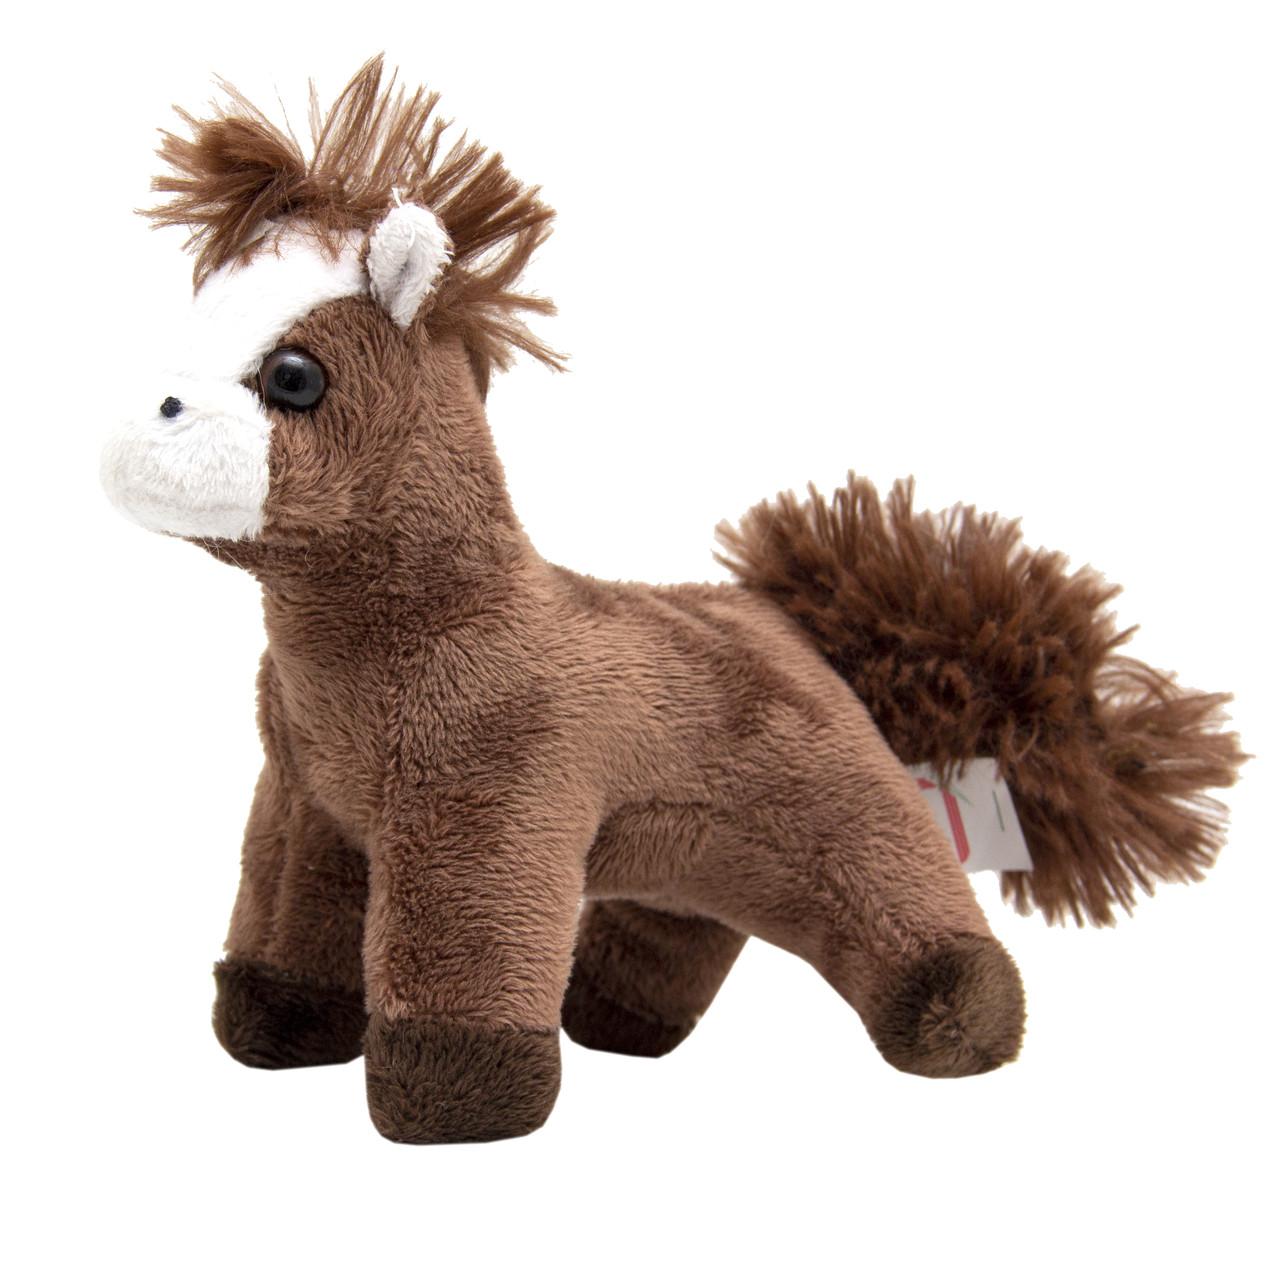 Мягкая игрушка - лошадка, 13 см, коричневый, полиэстер (Z1220113-1)